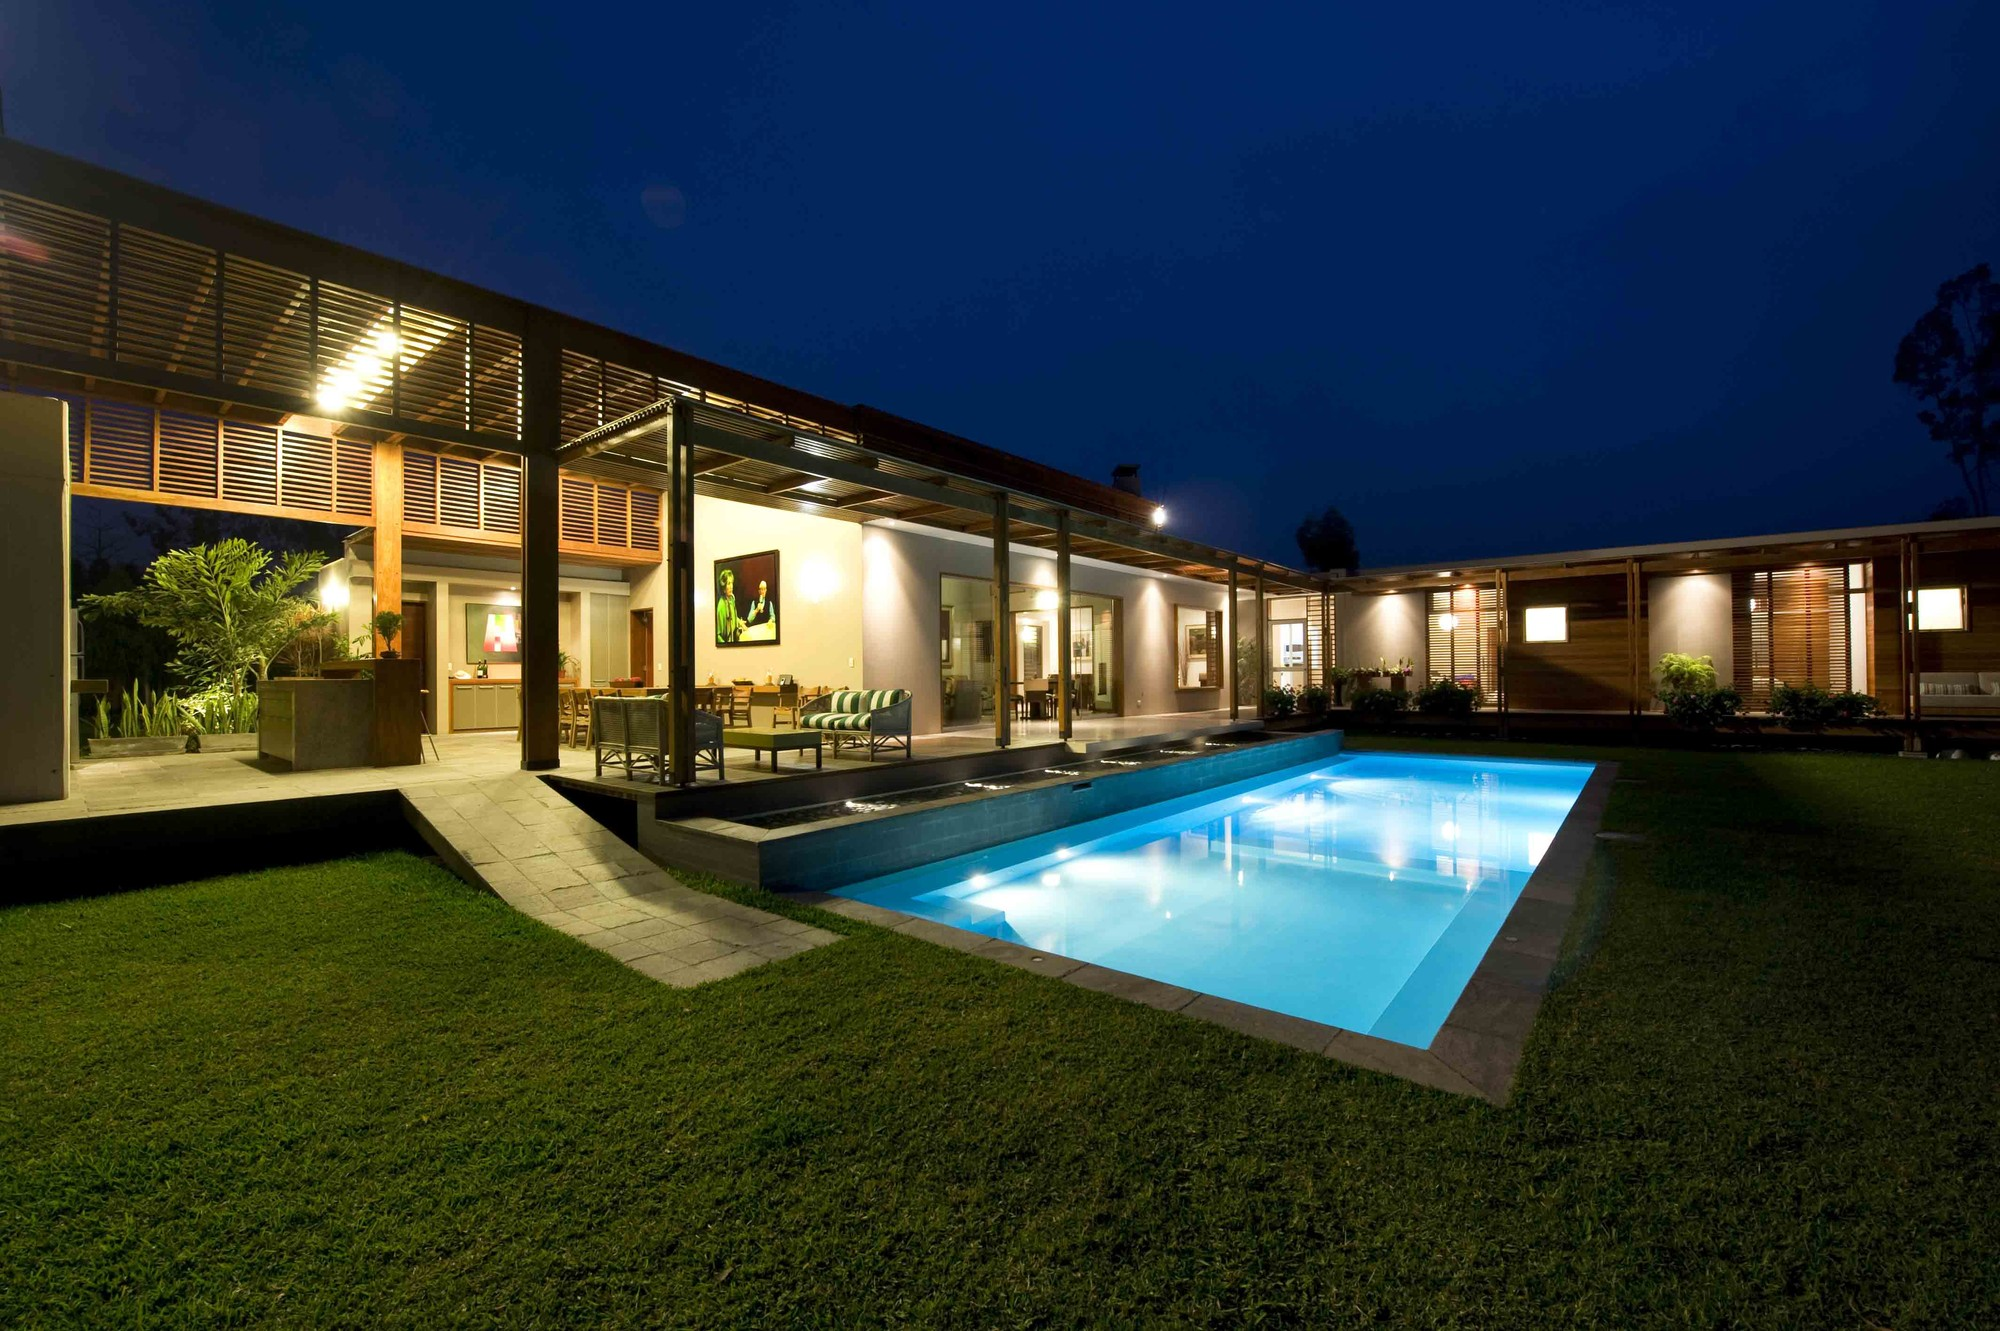 Casa de campo el ombu oscar gonzalez moix plataforma for Modelos de casas de campo con piscina